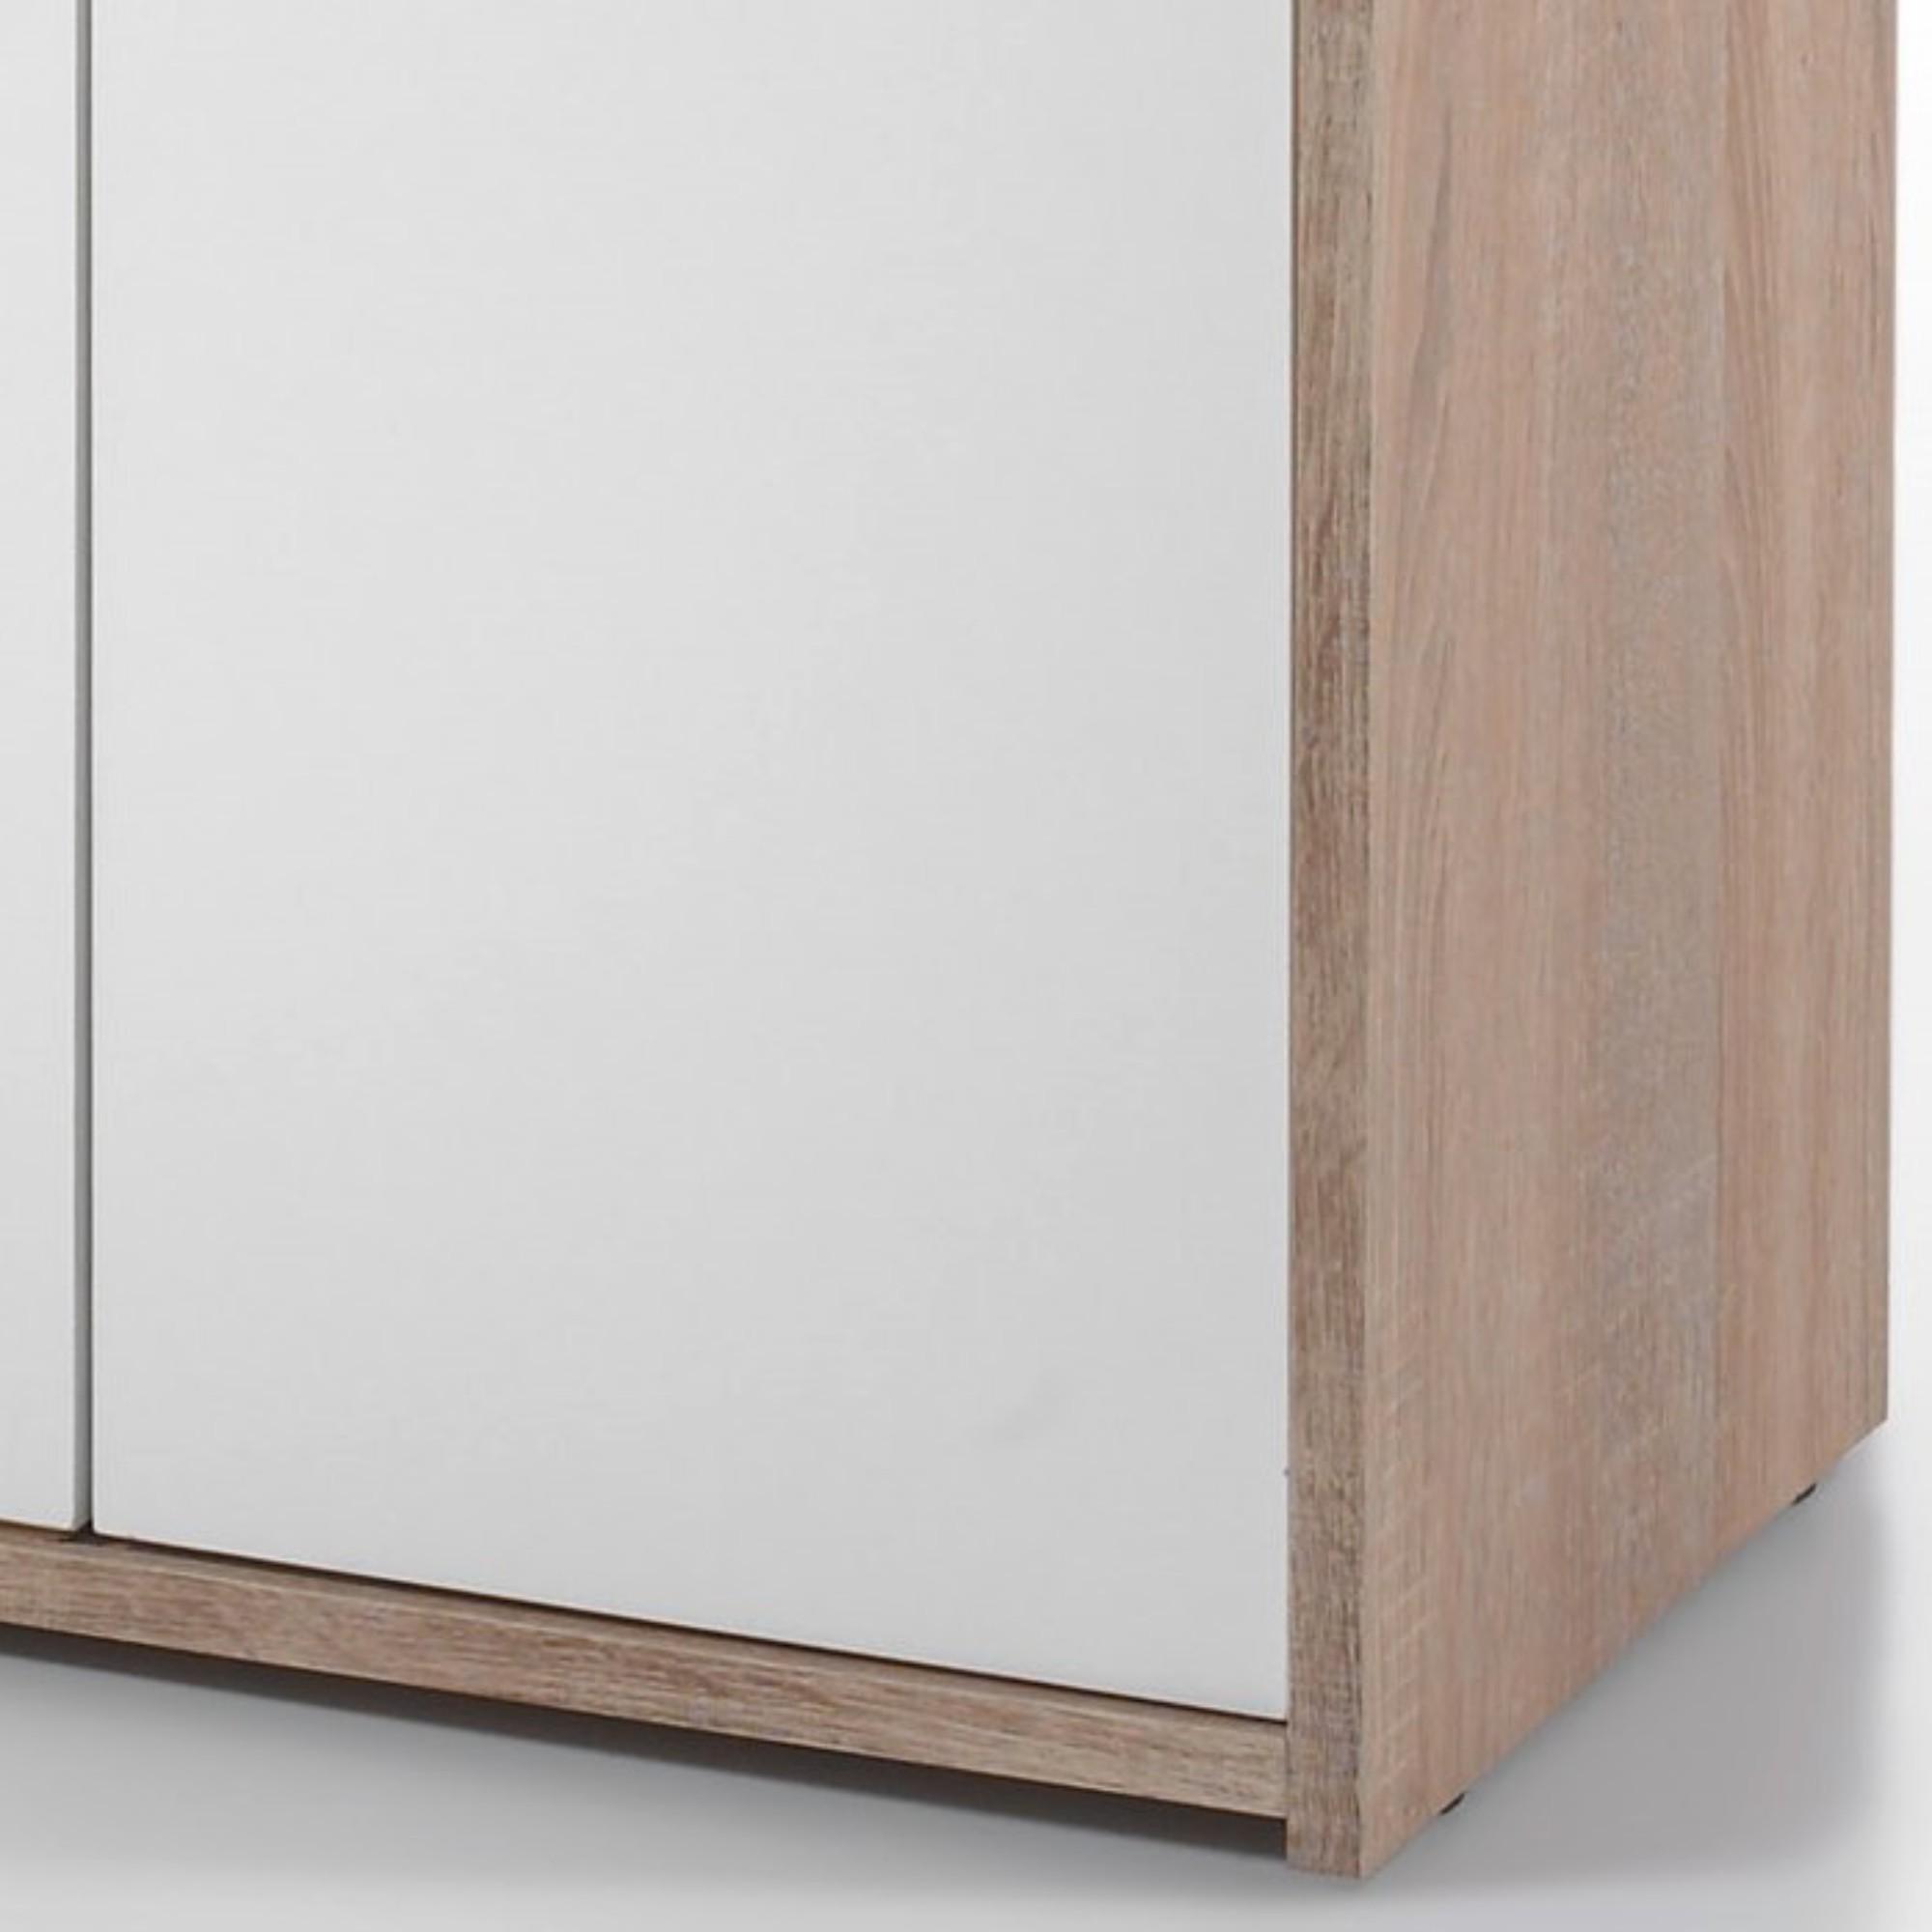 Sconto Komoda FUEGO dub sonoma/biela Viacúčelová komoda FUEGO sa vyznačuje svojím čistým moderným dizajnom.